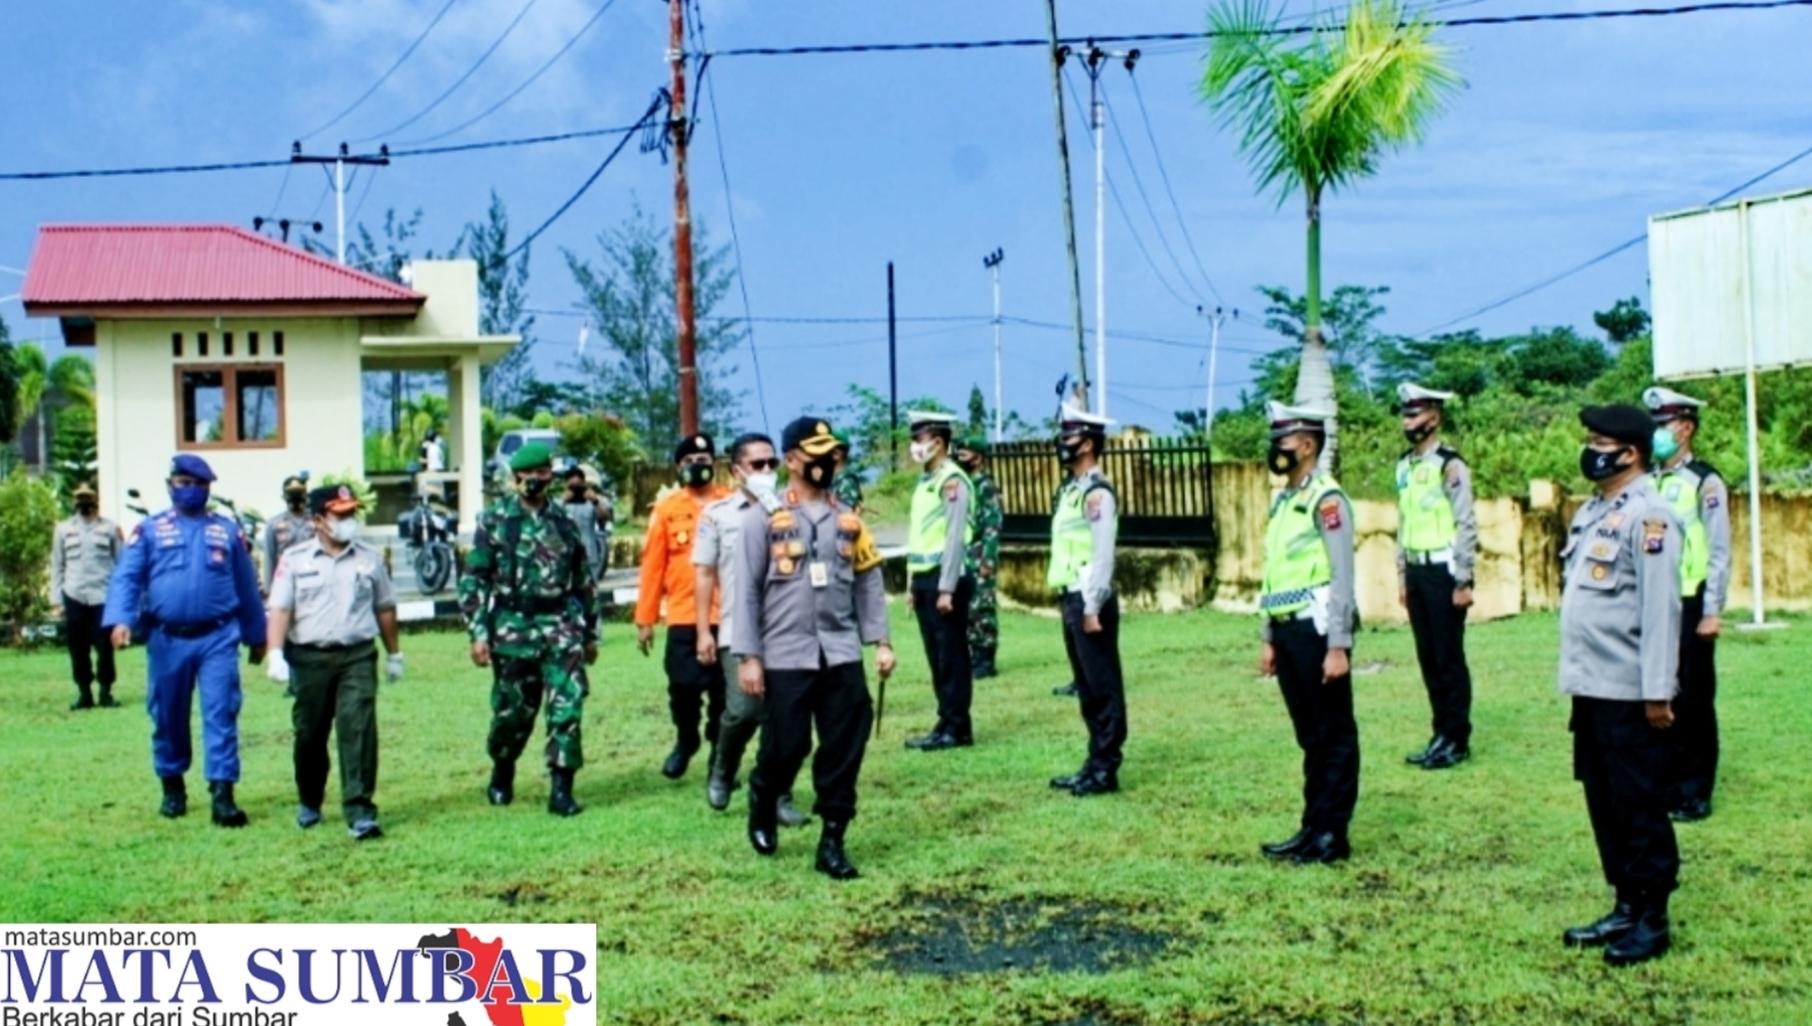 Tingkatkan Kewaspadaan, Polres Mentawai Gelar Apel Kesiapsiagaan Bencana